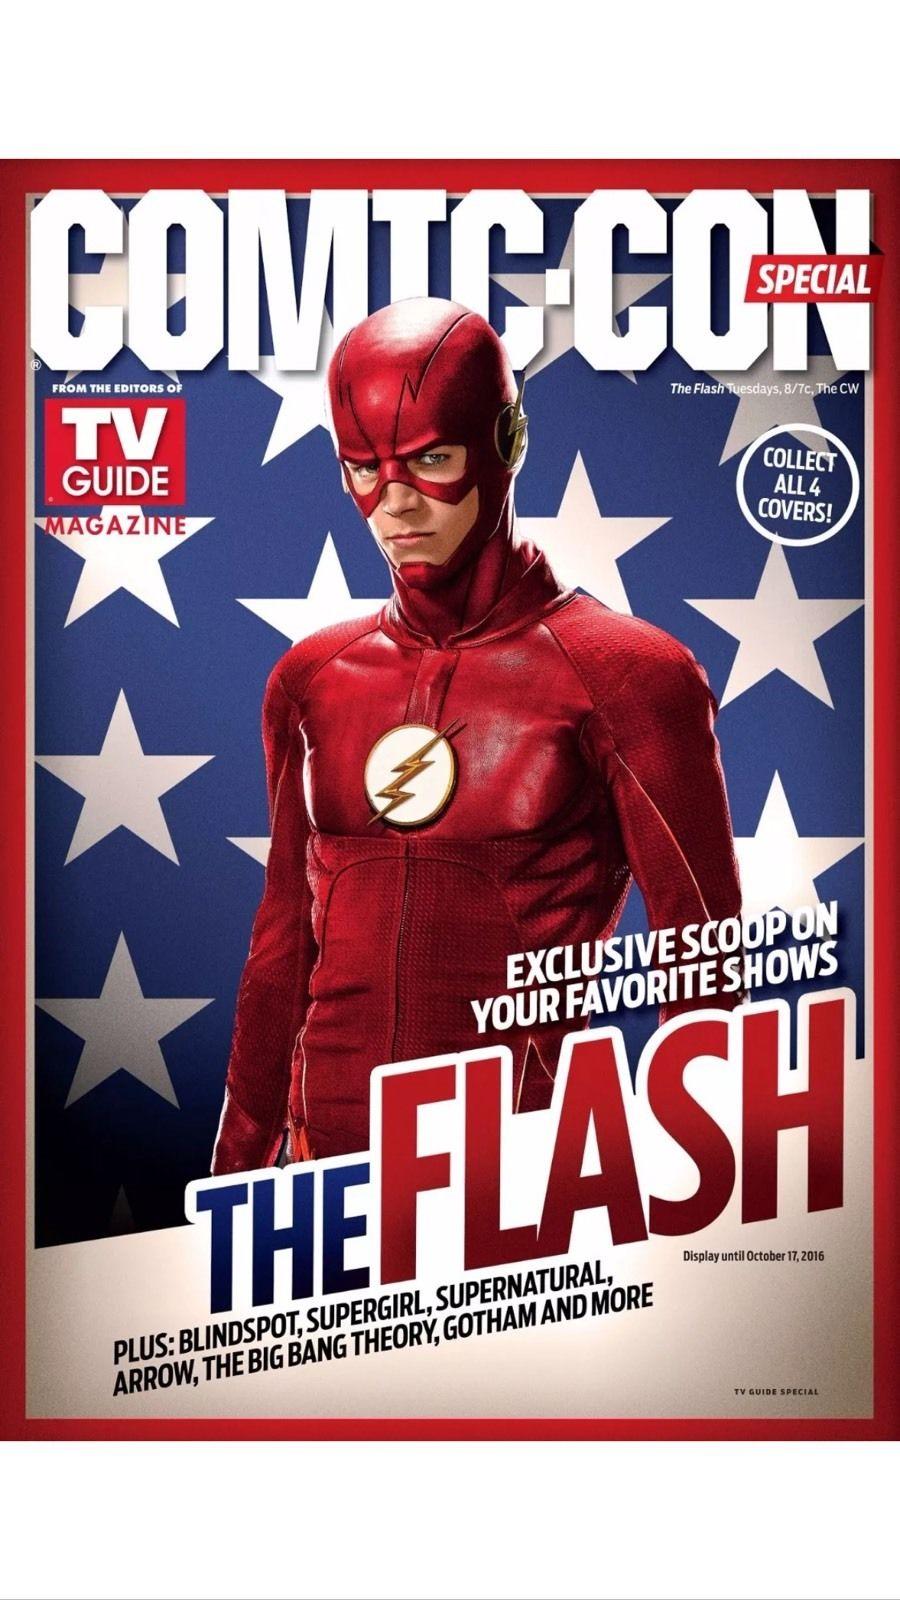 Comic con 2016 magazine Tv Guide special comic con The Flash